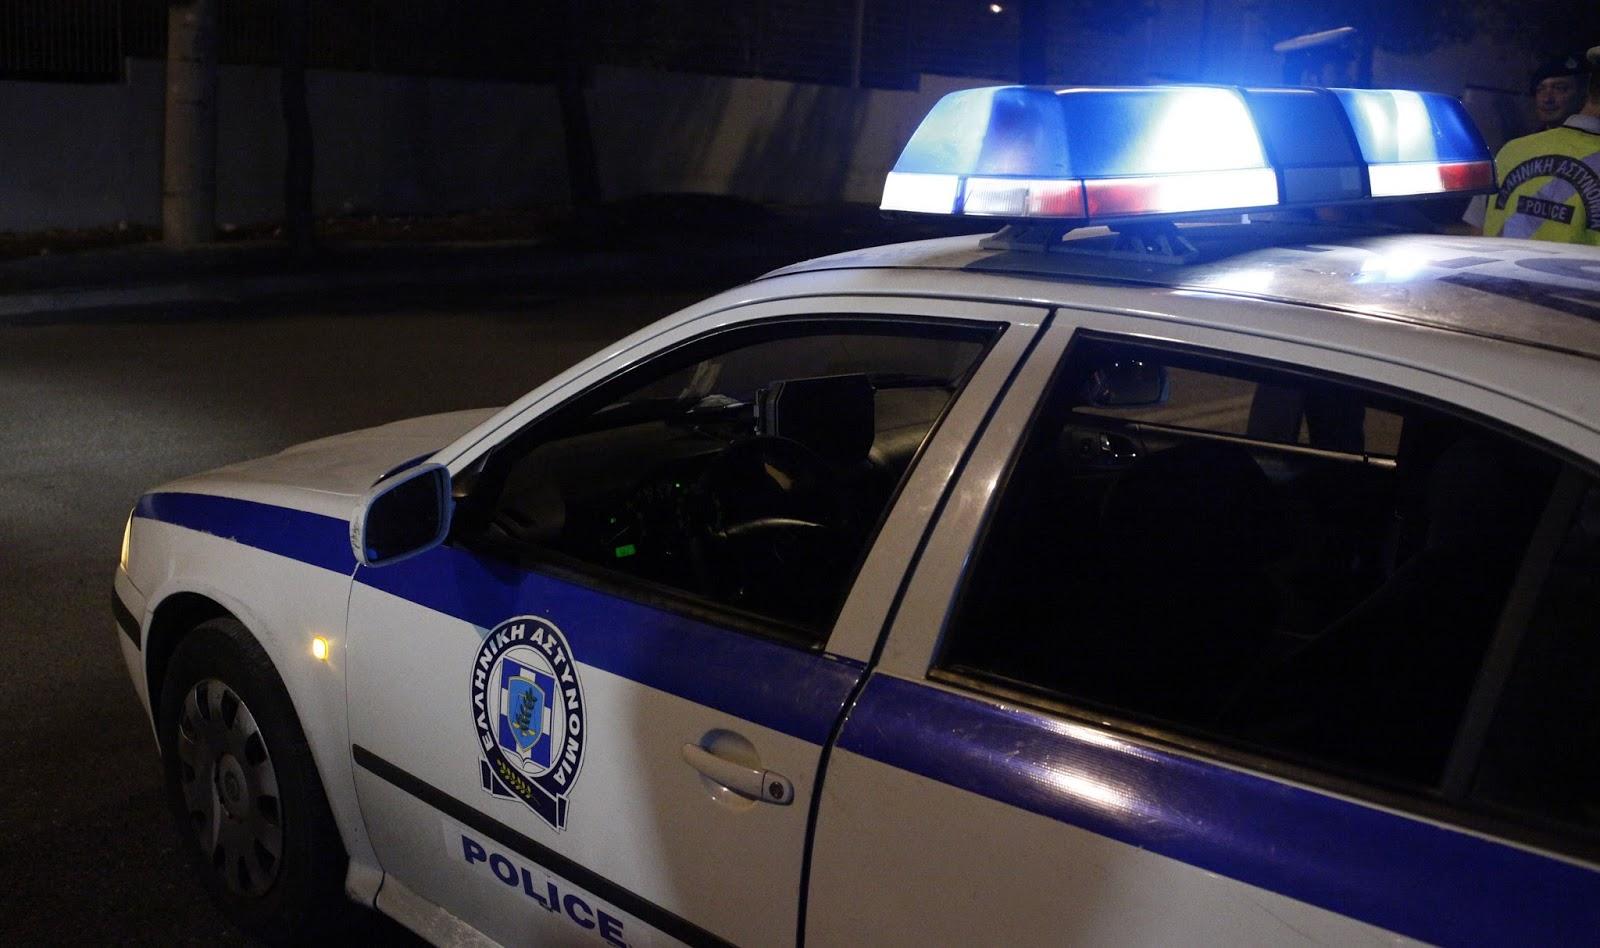 Πέραμα – Συμπλοκή αστυνομικών με κακοποιούς – Ένας νεκρός